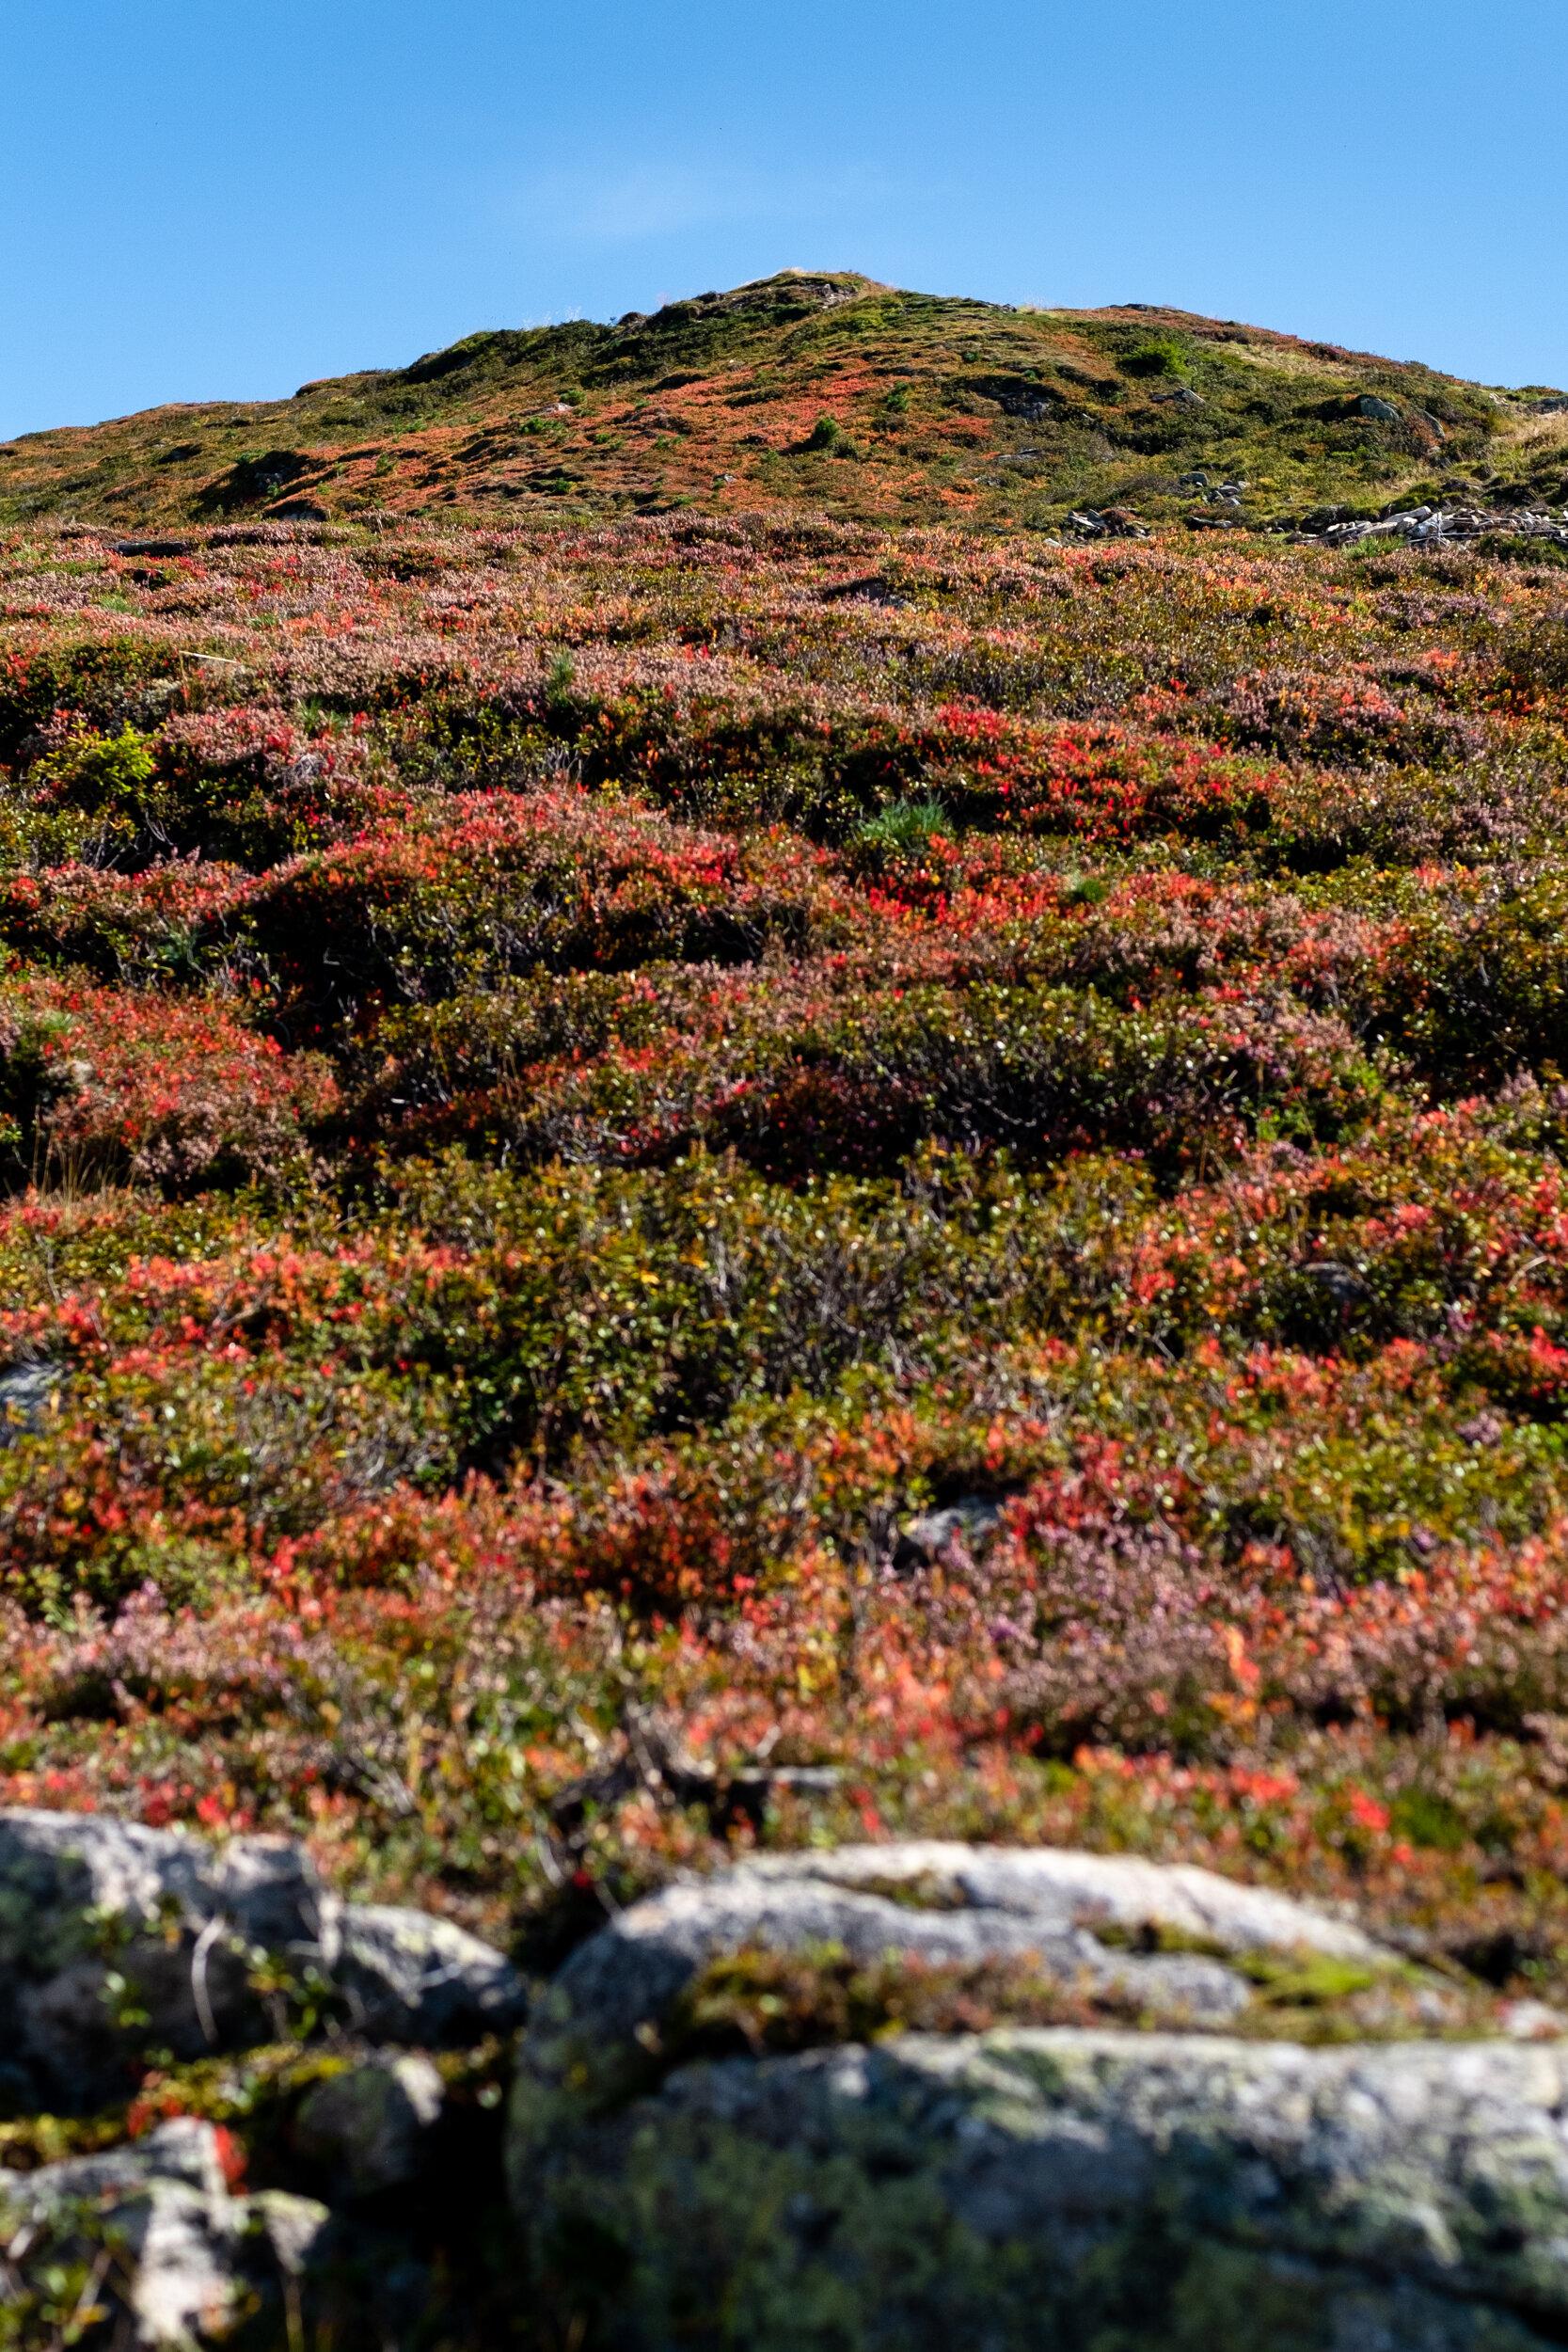 autumn ahorn 19_05.jpg